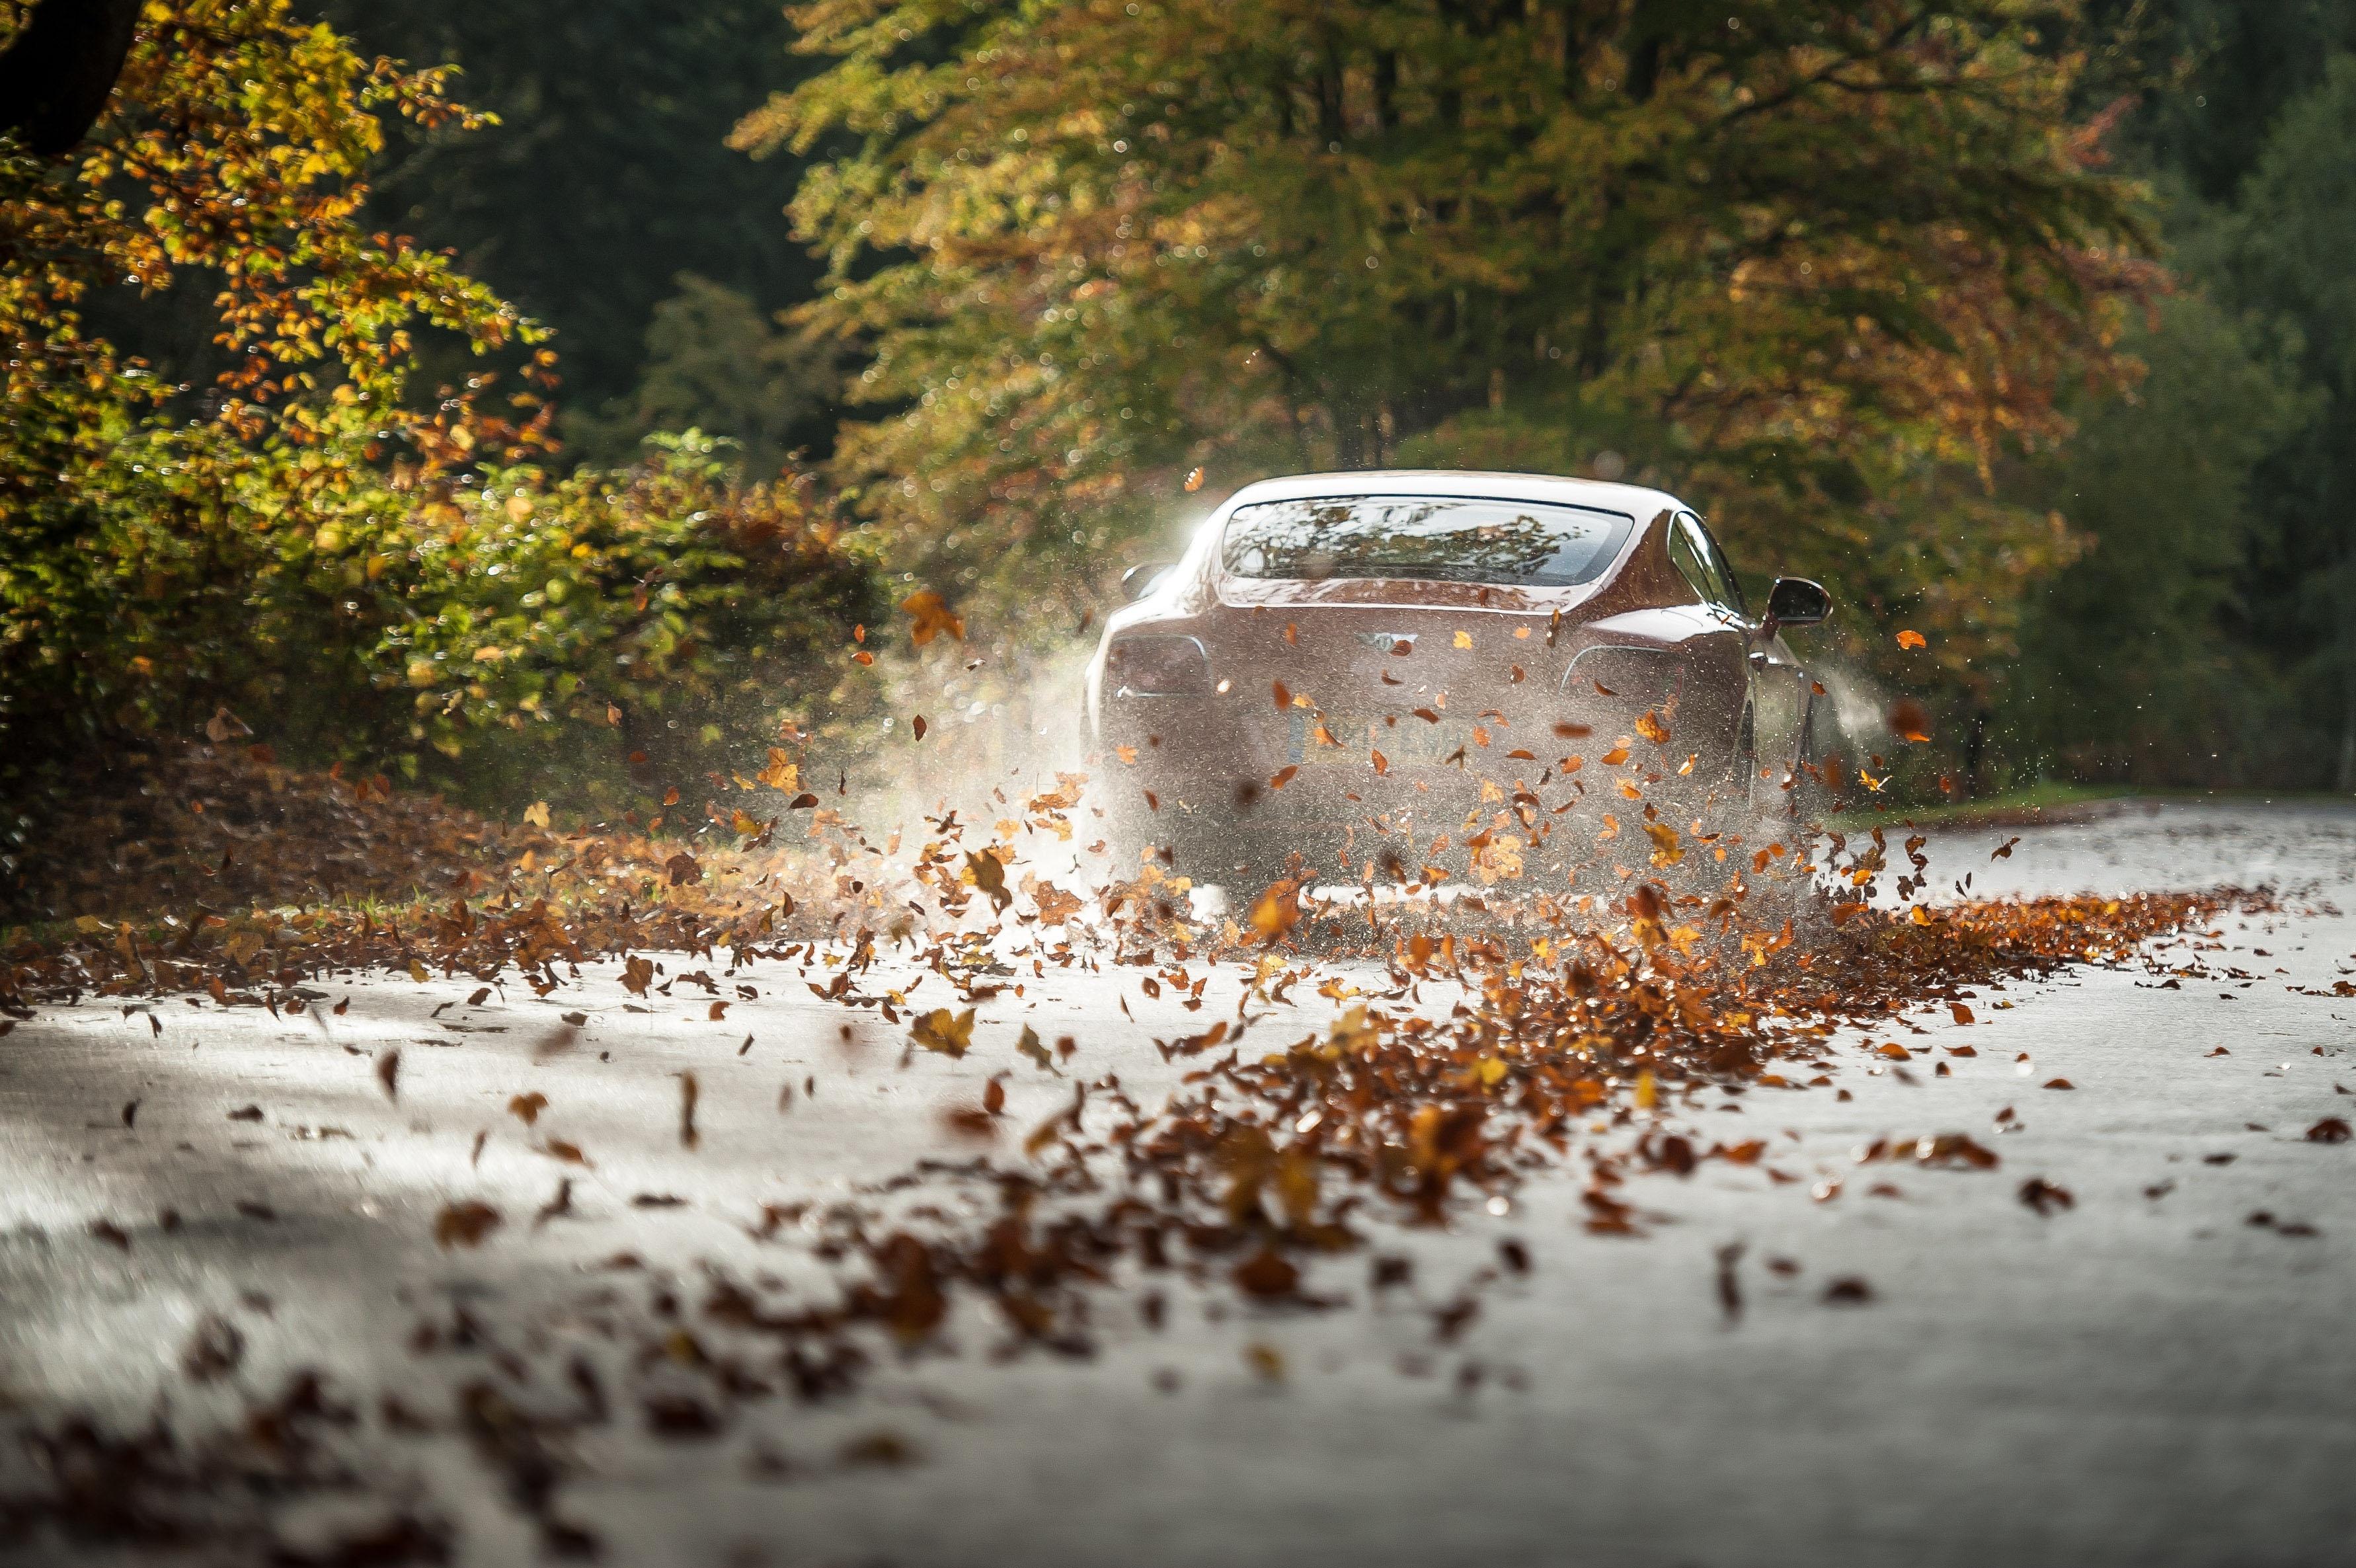 Самые красивые фотографии автомобилей под дождем